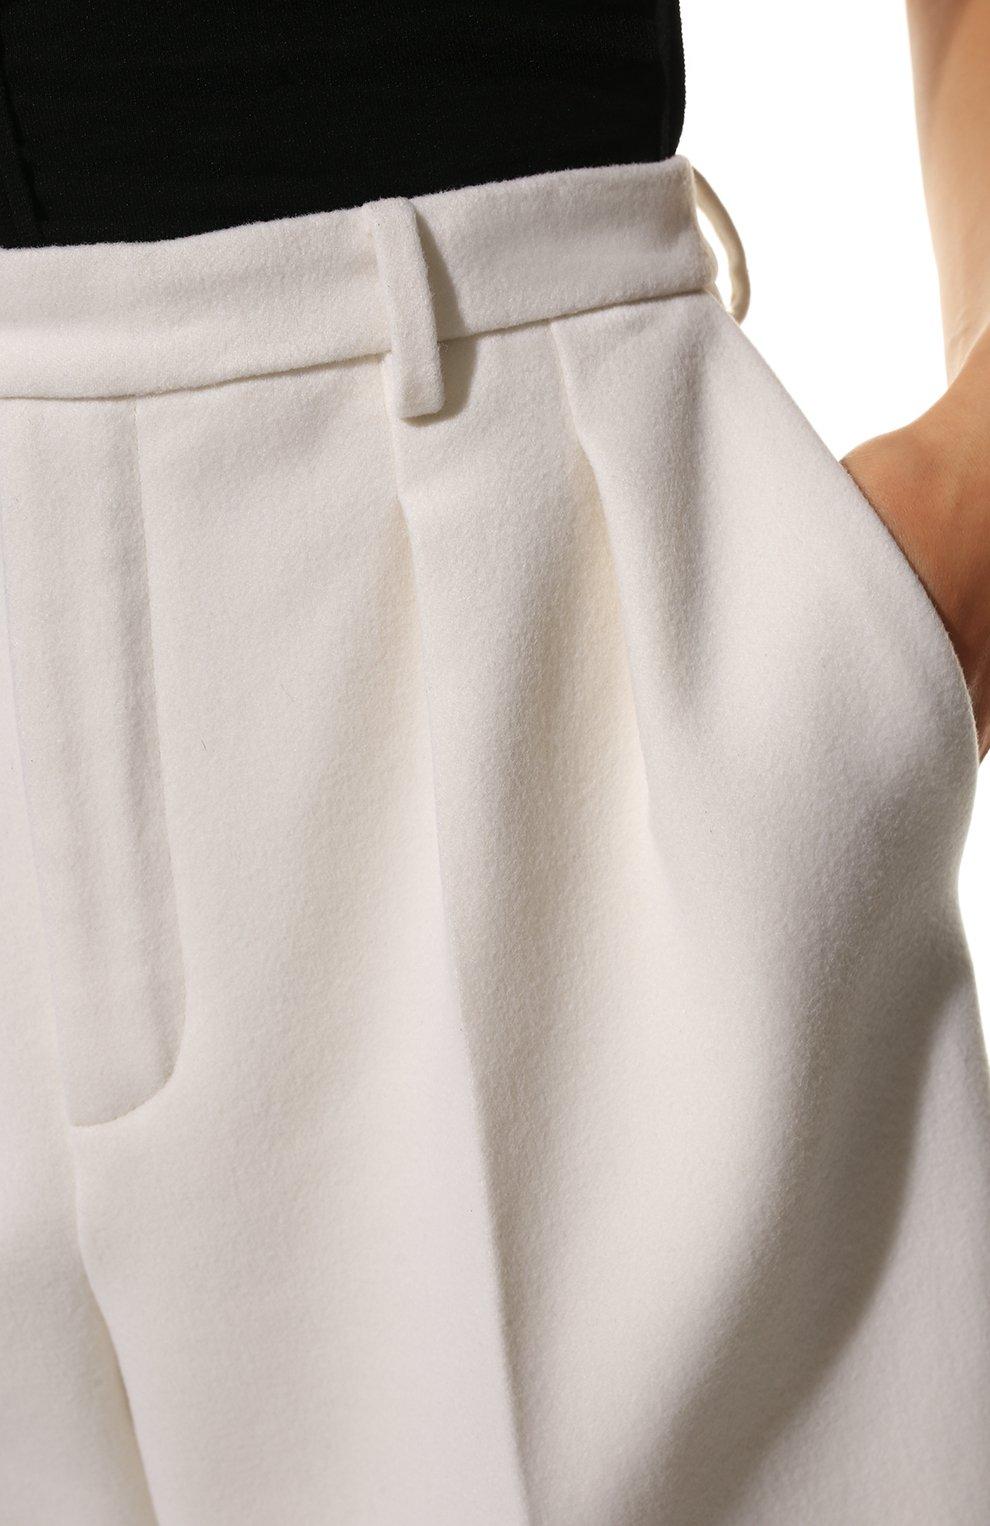 Женские шорты из шерсти и кашемира SAINT LAURENT белого цвета, арт. 640224/Y3B45 | Фото 5 (Женское Кросс-КТ: Шорты-одежда; Материал внешний: Шерсть; Кросс-КТ: Широкие; Длина Ж (юбки, платья, шорты): До колена; Материал подклада: Шелк; Стили: Кэжуэл)